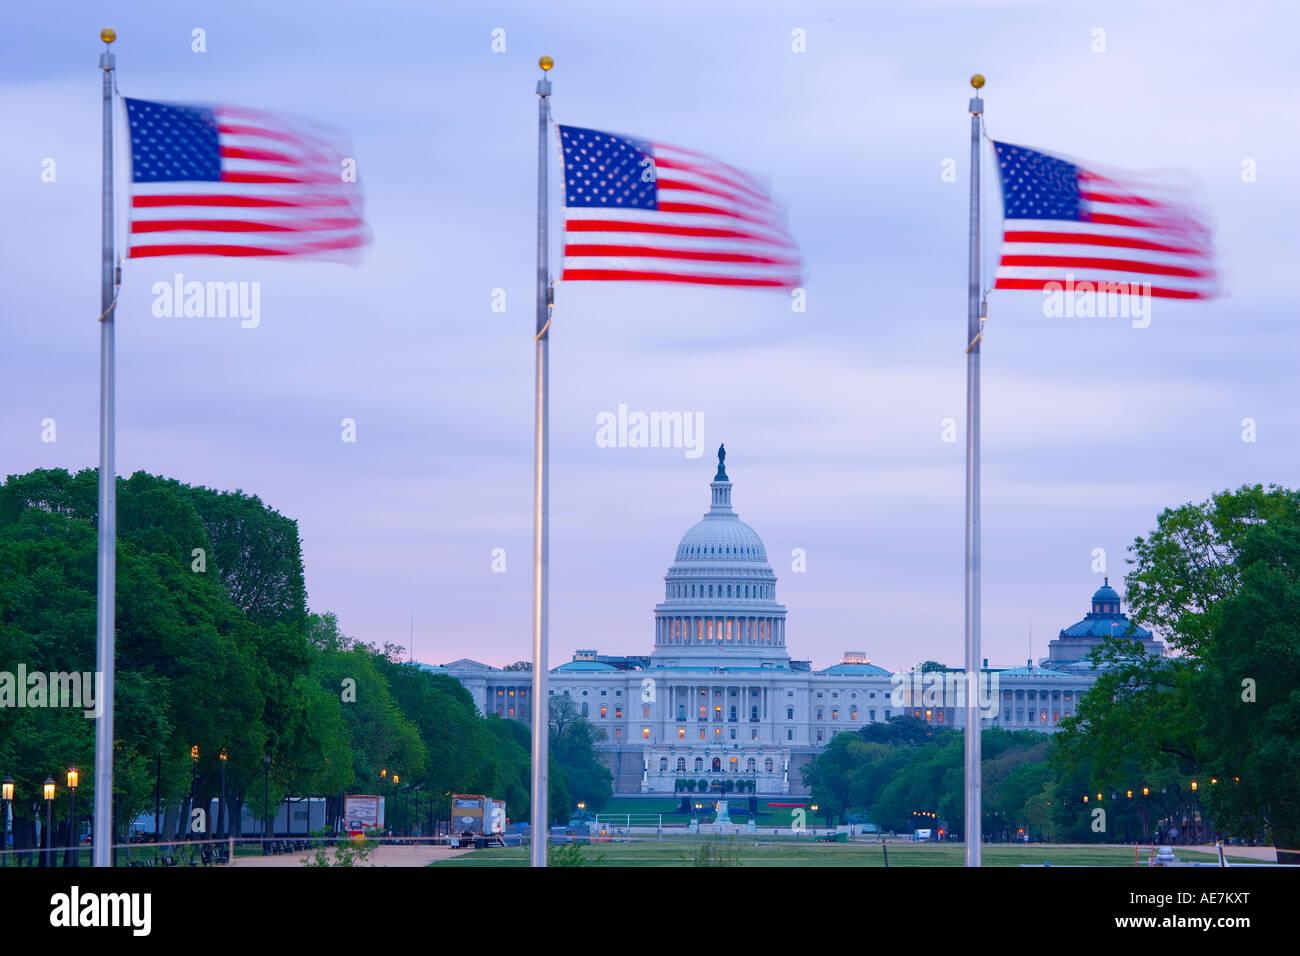 USA Washington DC The Capital Building über den Sternen und Streifen angezeigt Stockbild